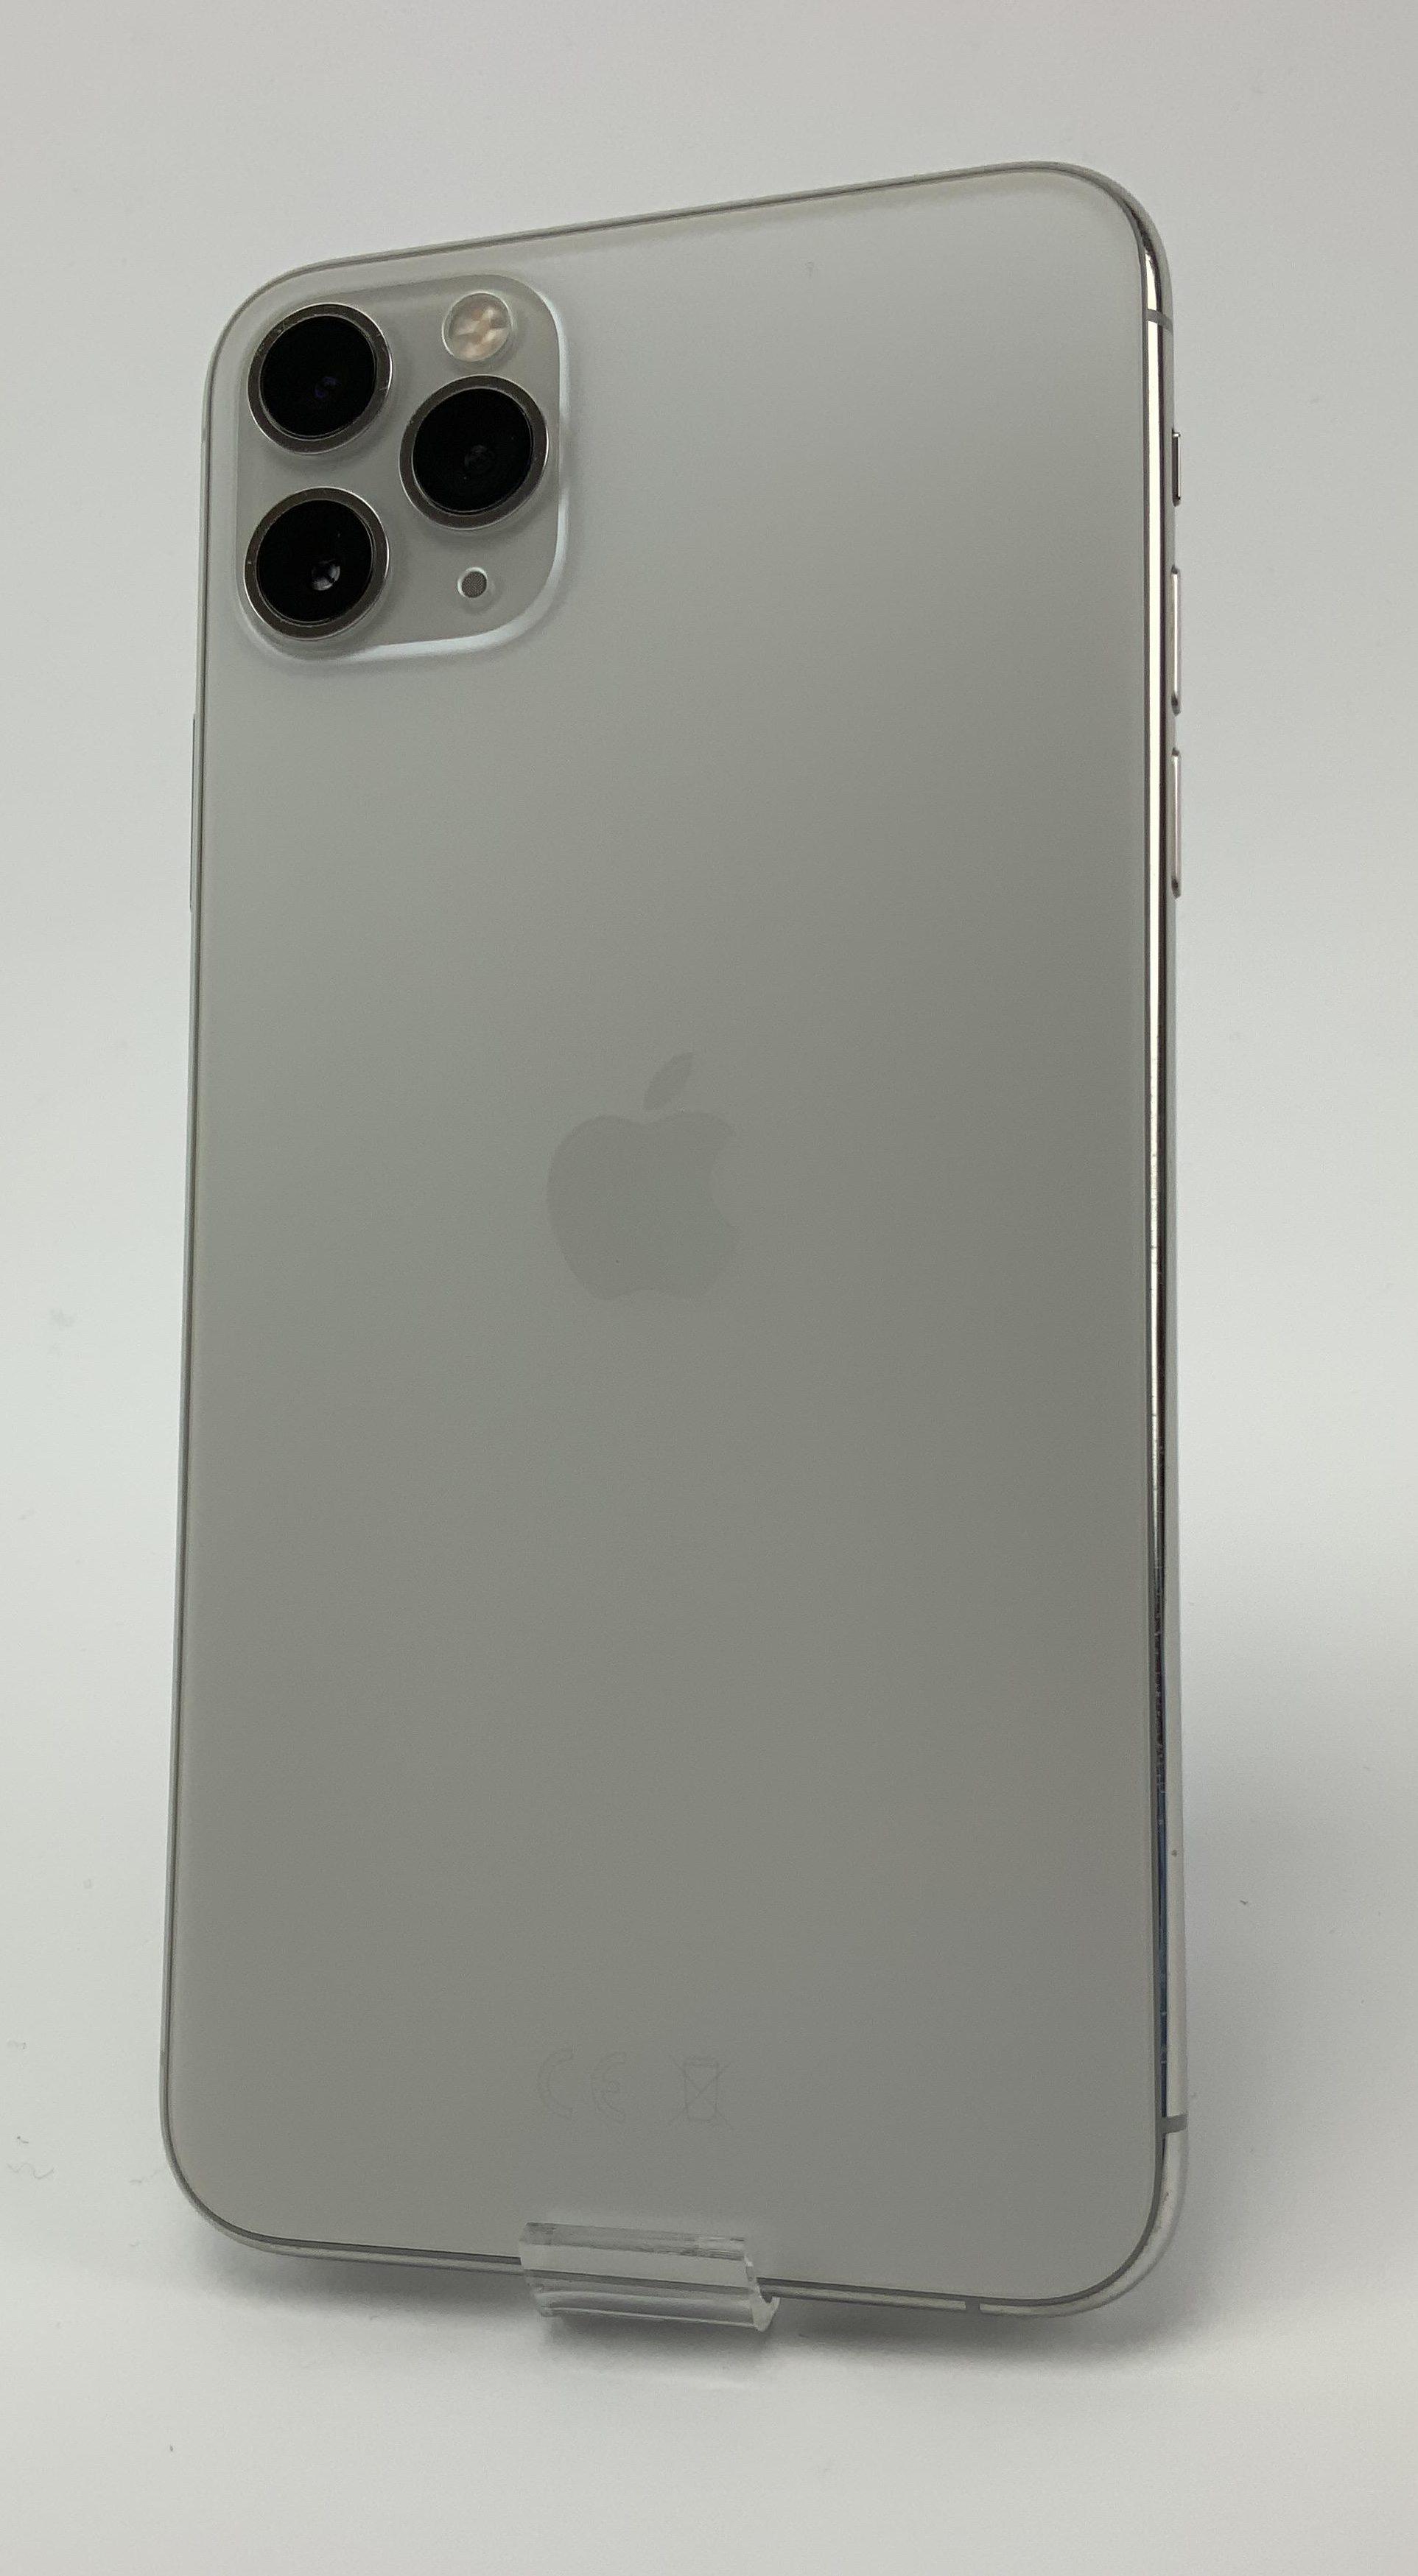 iPhone 11 Pro Max 256GB, 256GB, Silver, bild 2